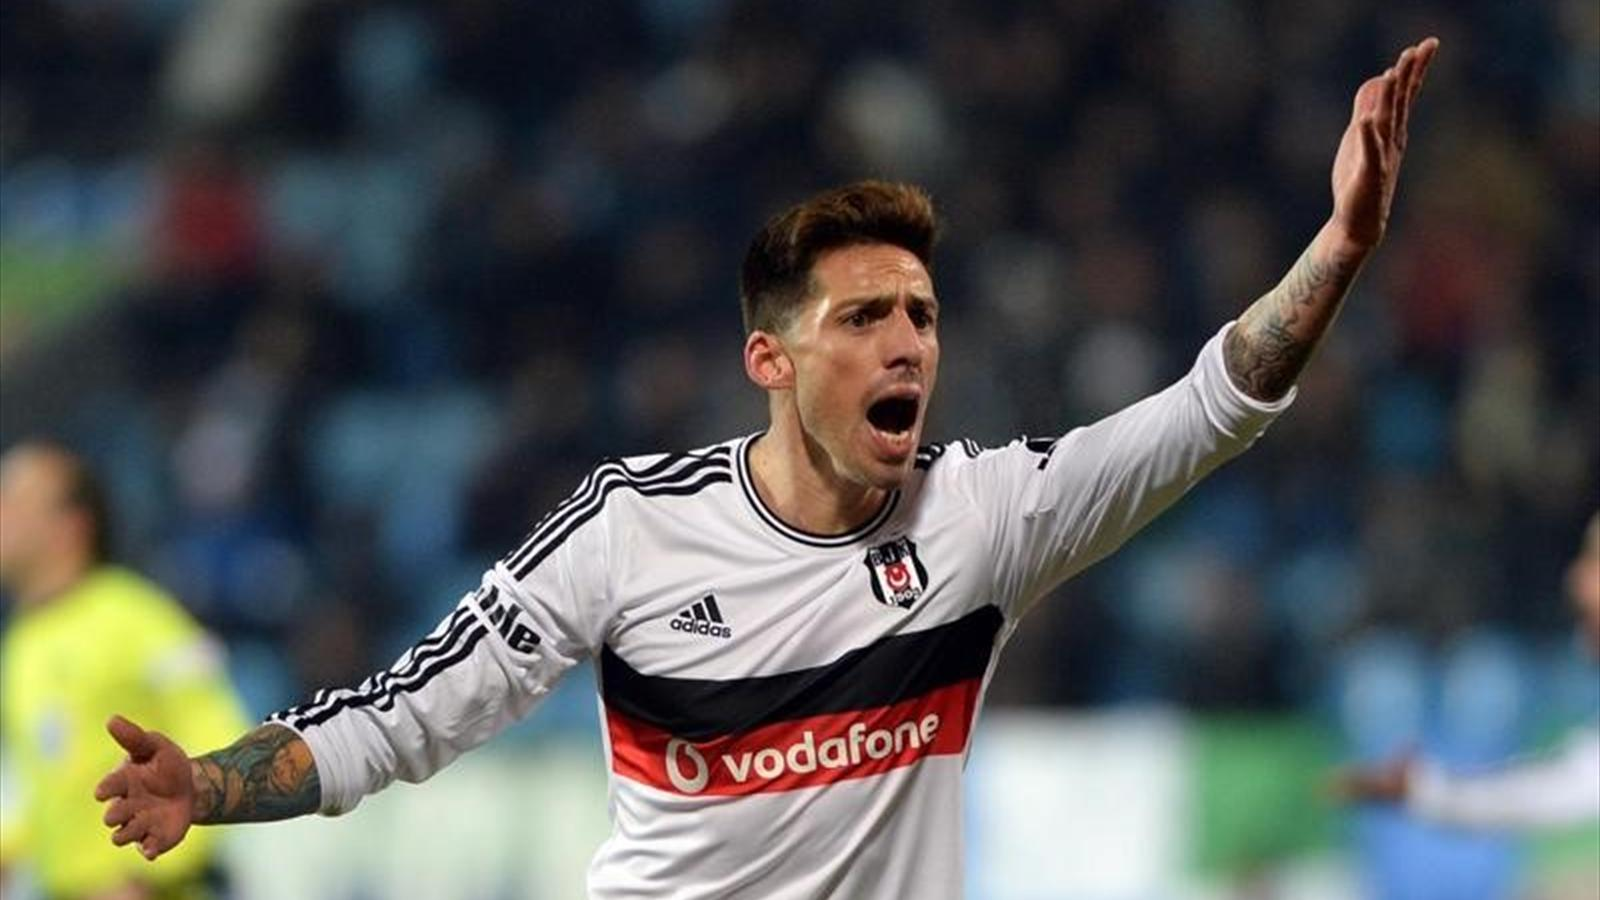 Beşiktaş'ın yıldızı Sosa'dan büyük fedakarlık